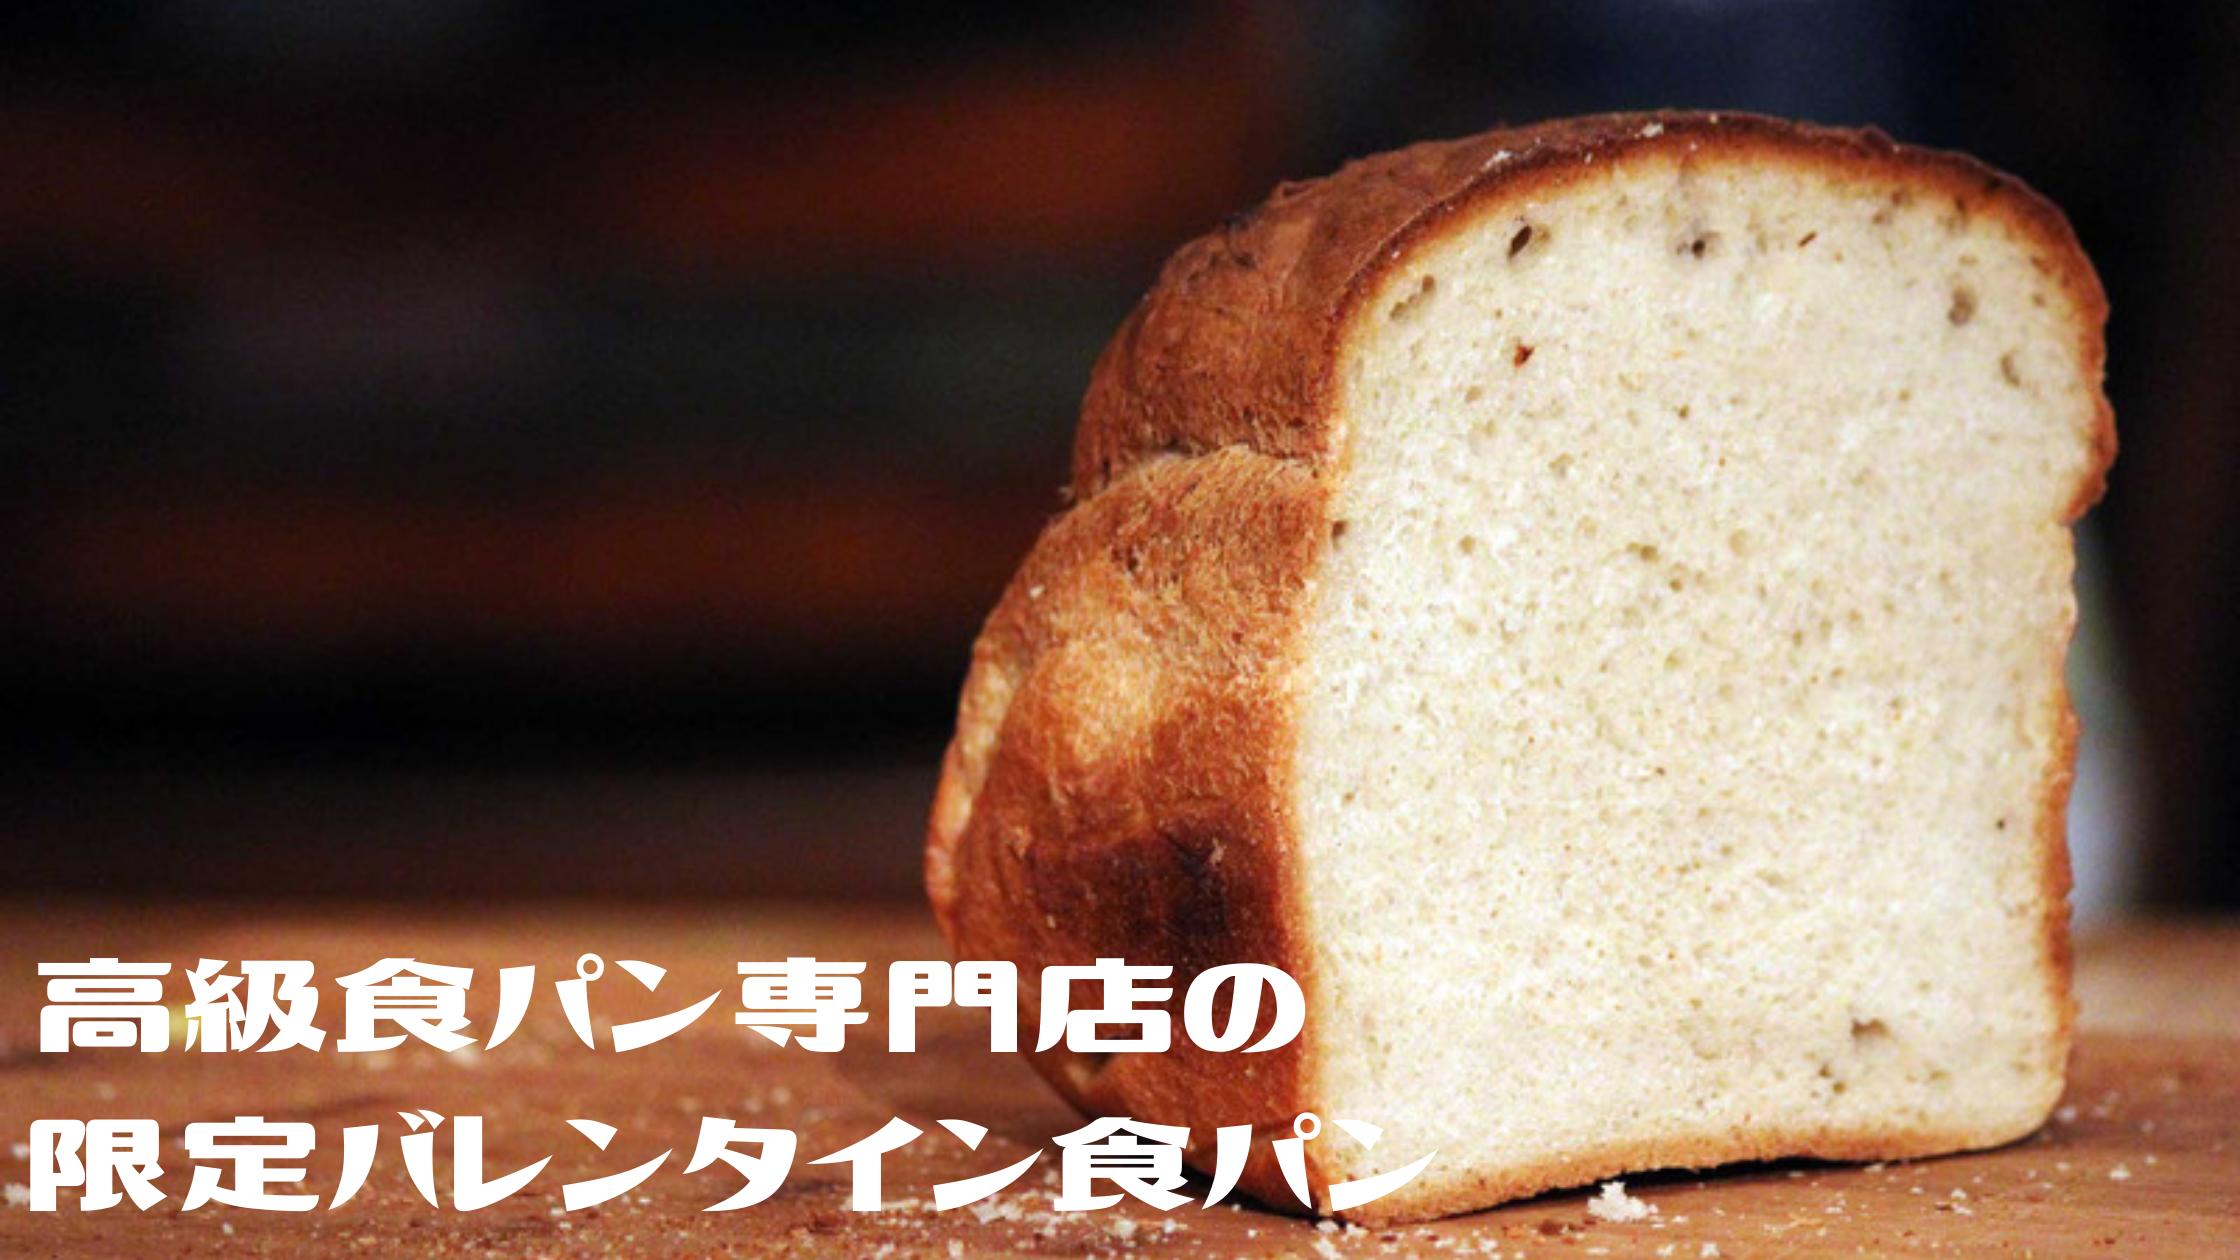 【食パン専門店×バレンタイン】『切ってかわいいねこ型パン』『新感覚 半熟ラスク』『スイーツ感覚ショコラパン』